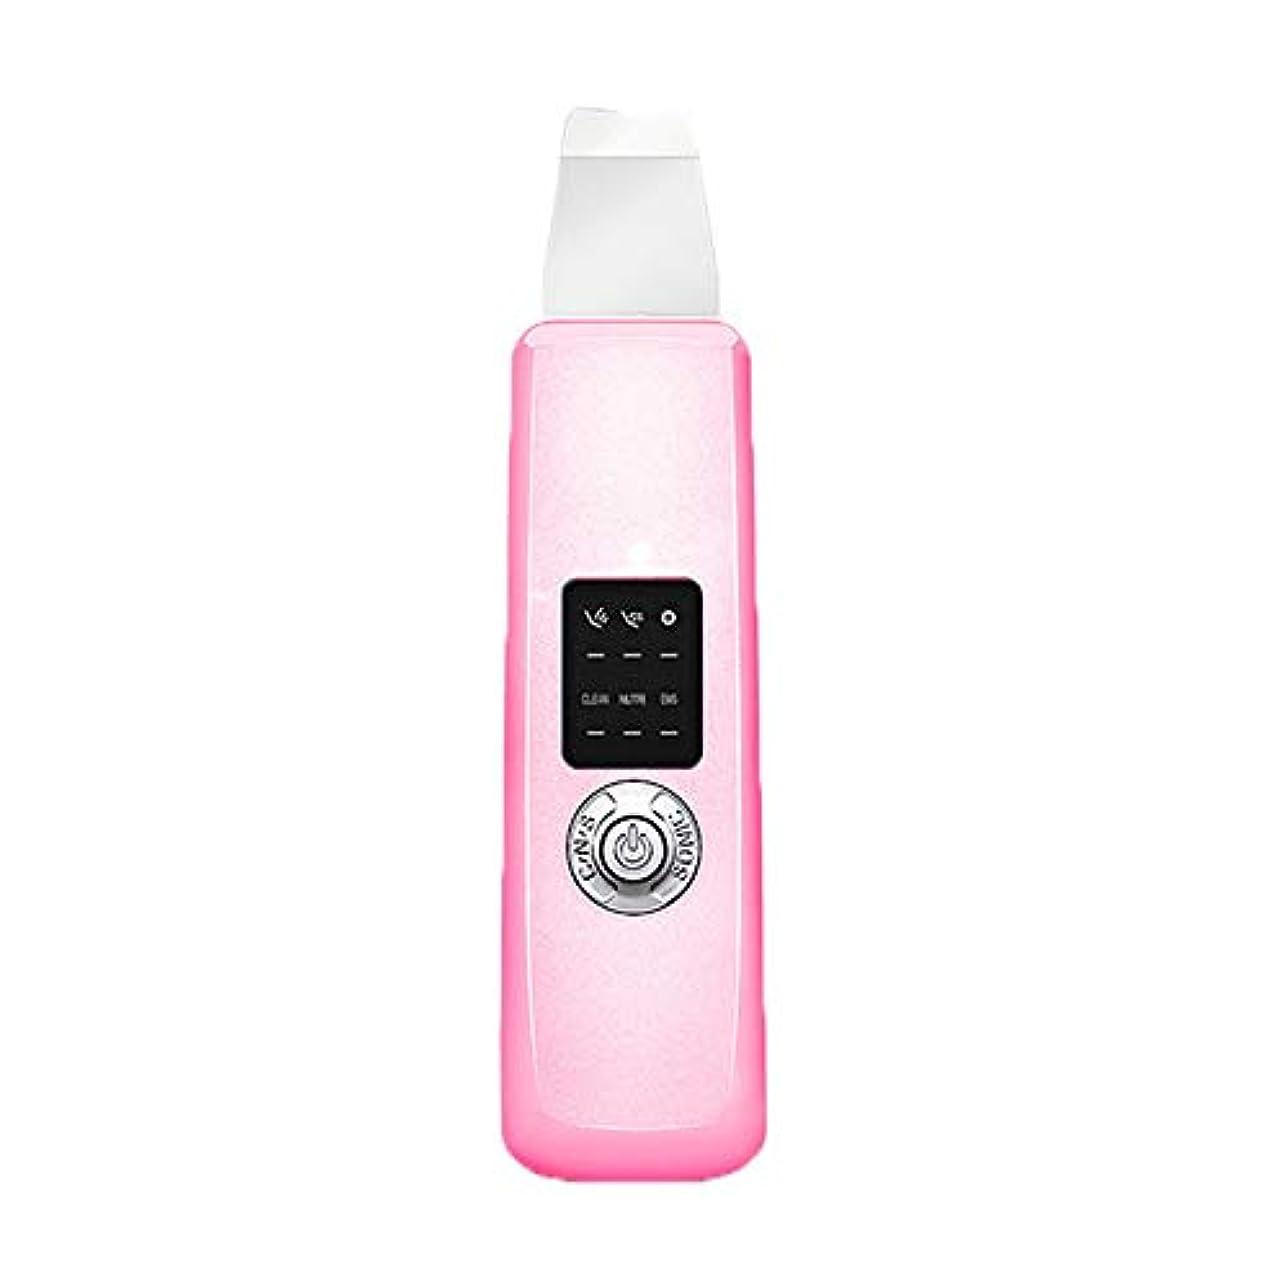 レポートを書く巻き取り臭いにきび除去剤、にきび毛穴クリーナーにきびに電気吸引ブラックヘッドアーティファクト電子美容洗剤,ピンク